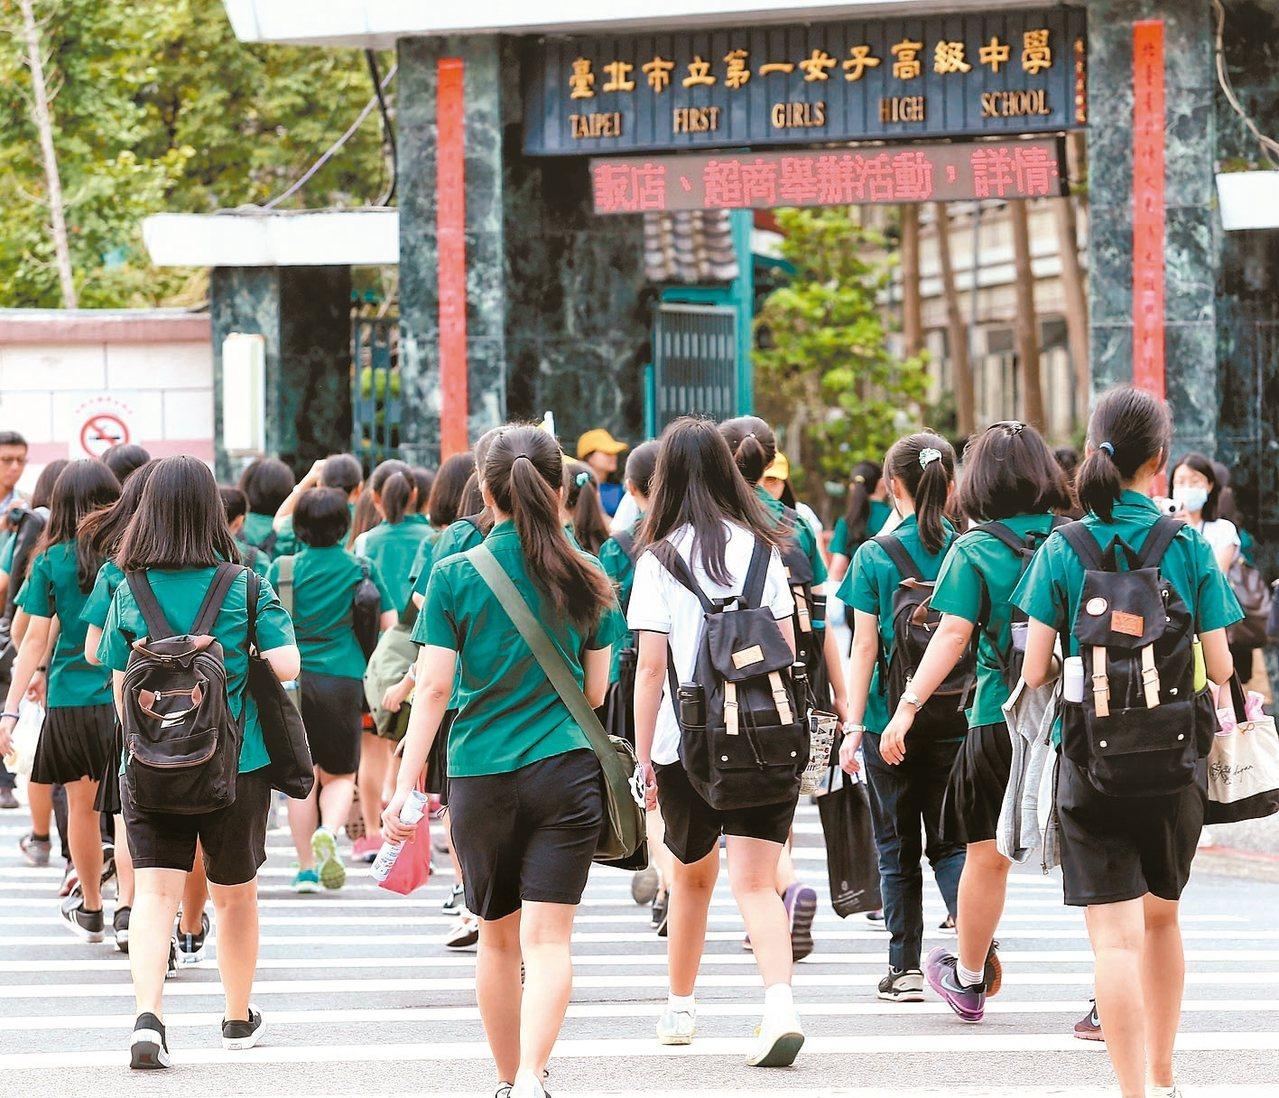 北一女中107學年度將開辦科學班,第一年招收30名全台女學生。 圖/聯合報系資料...